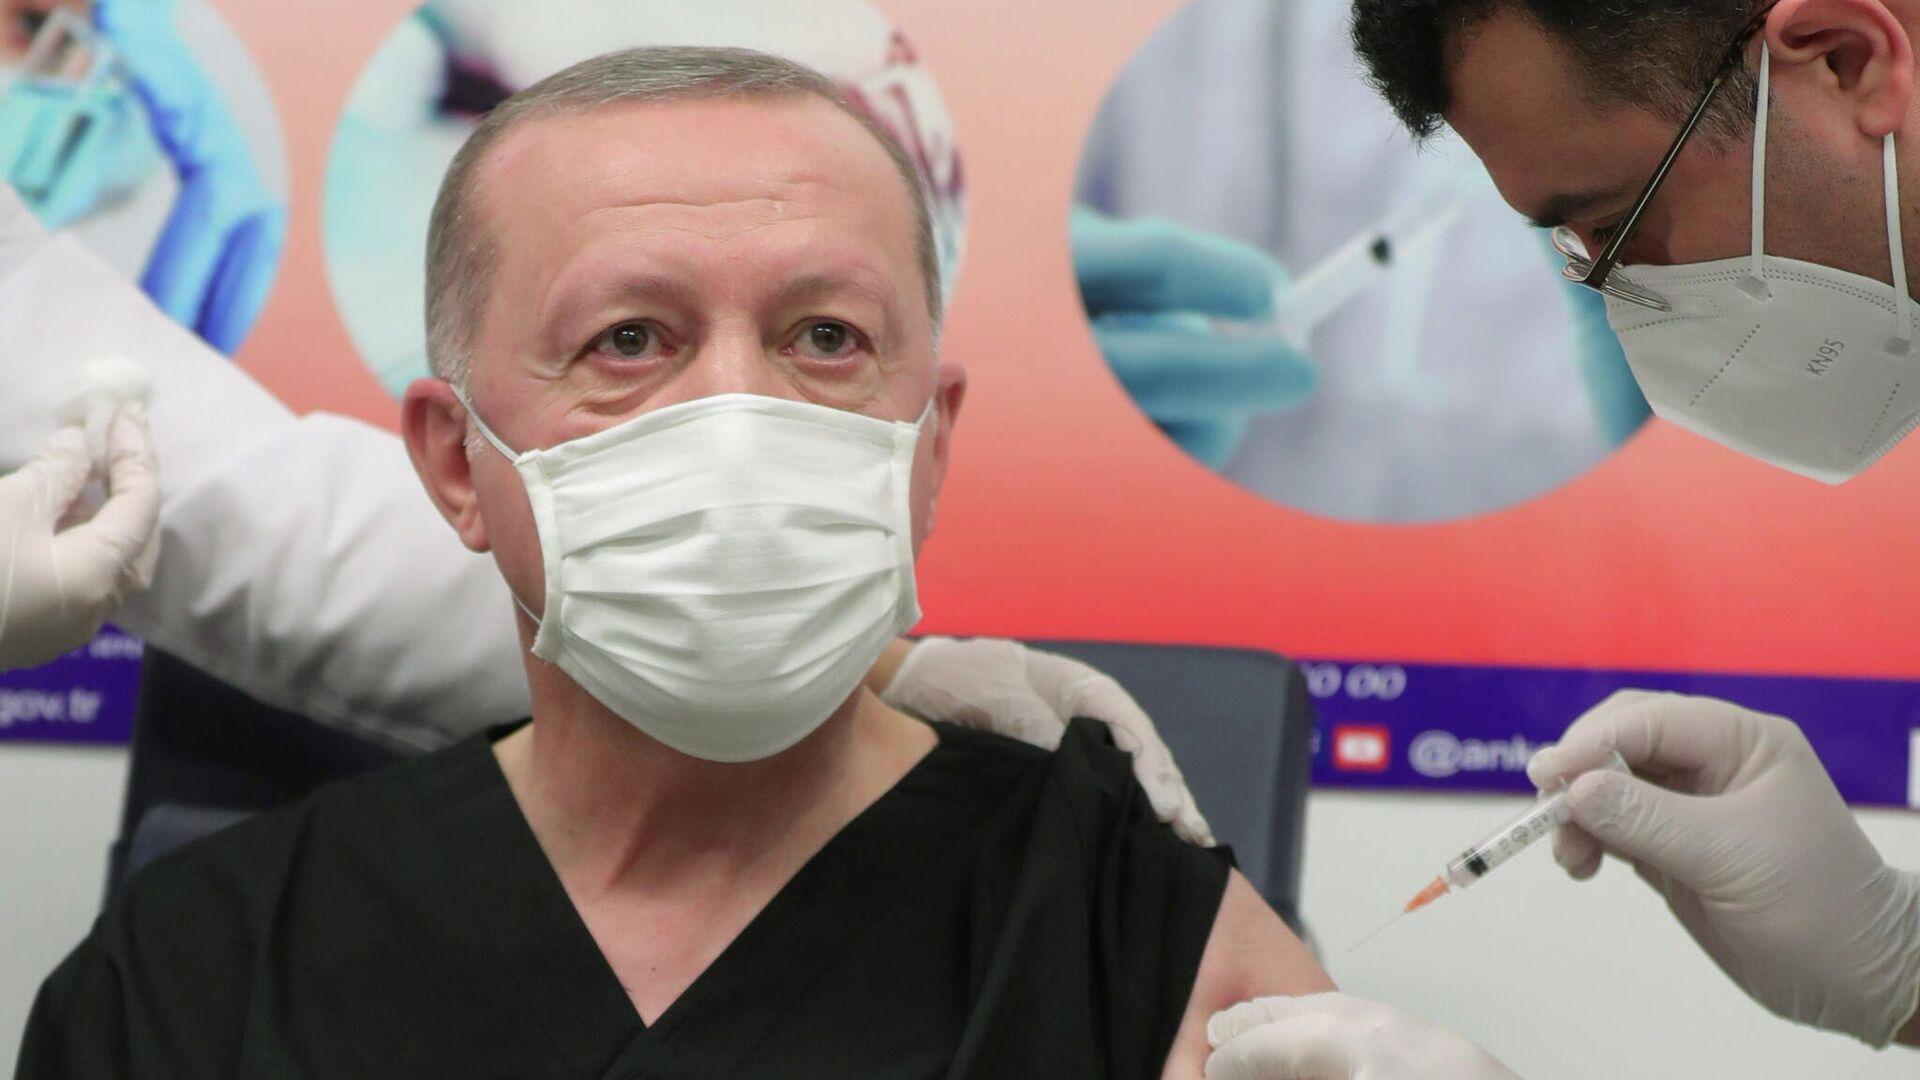 Der türkische Präsident Tayyip Erdogan mit dem Corona-Impfstoff CoronaVac geimpft  - SNA, 1920, 14.01.2021